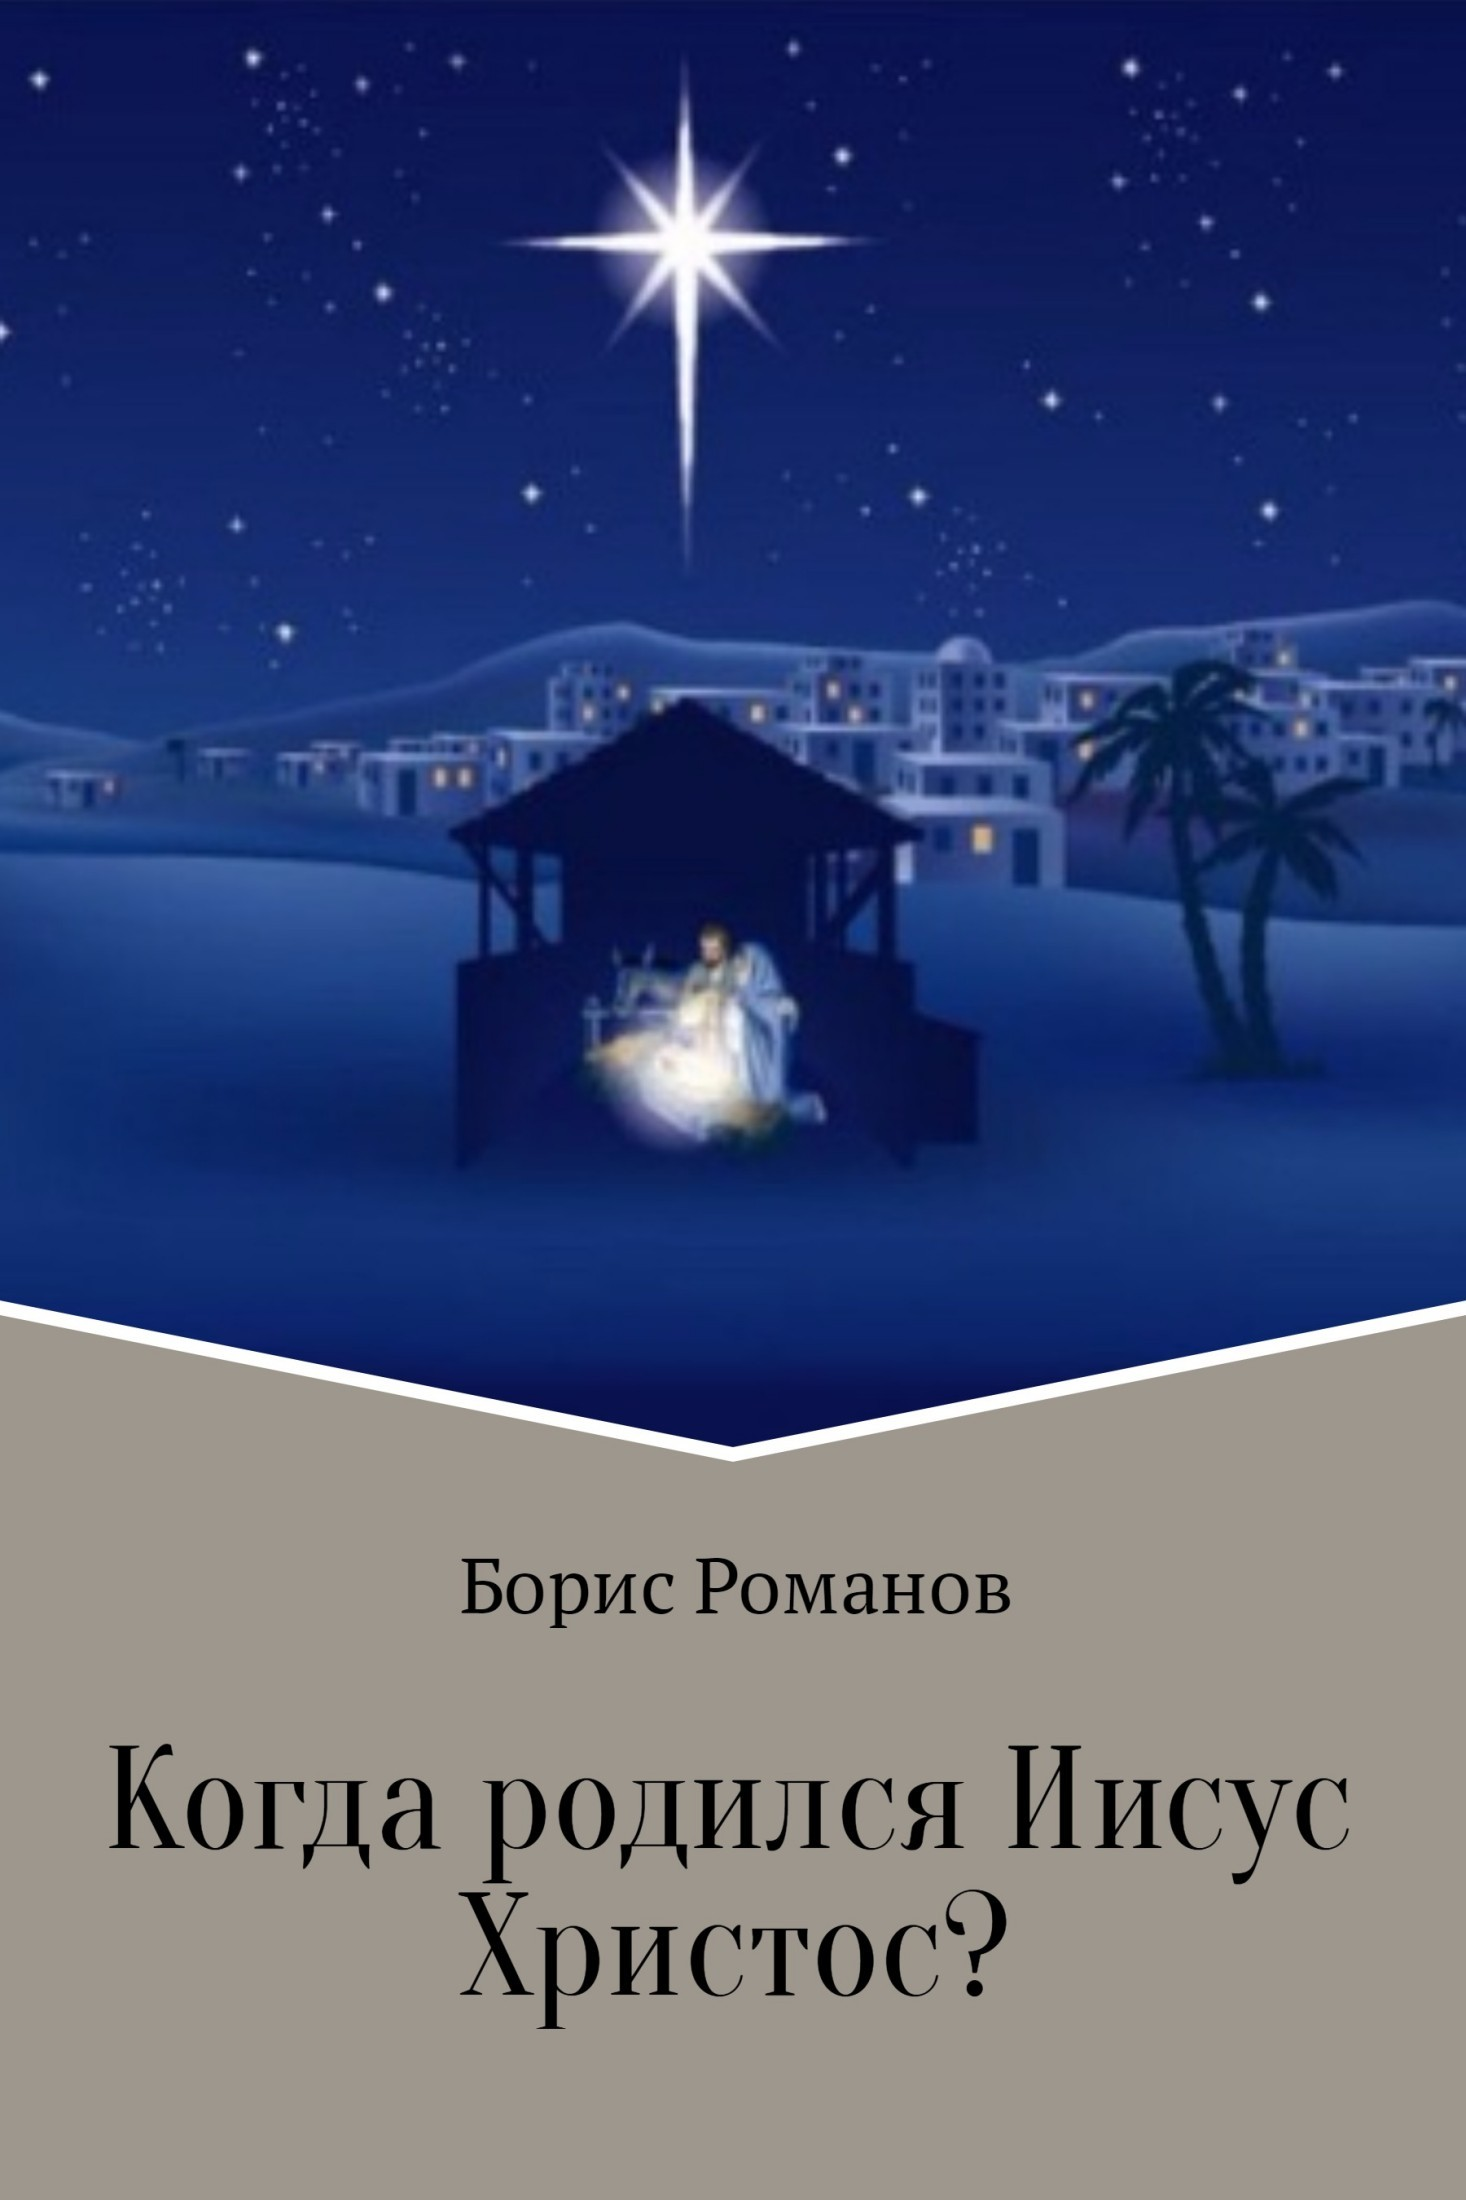 Борис Романов Когда родился Иисус Христос? скотт с величайшие слова в мире все что иисус сказал о вас isbn 9785699508846